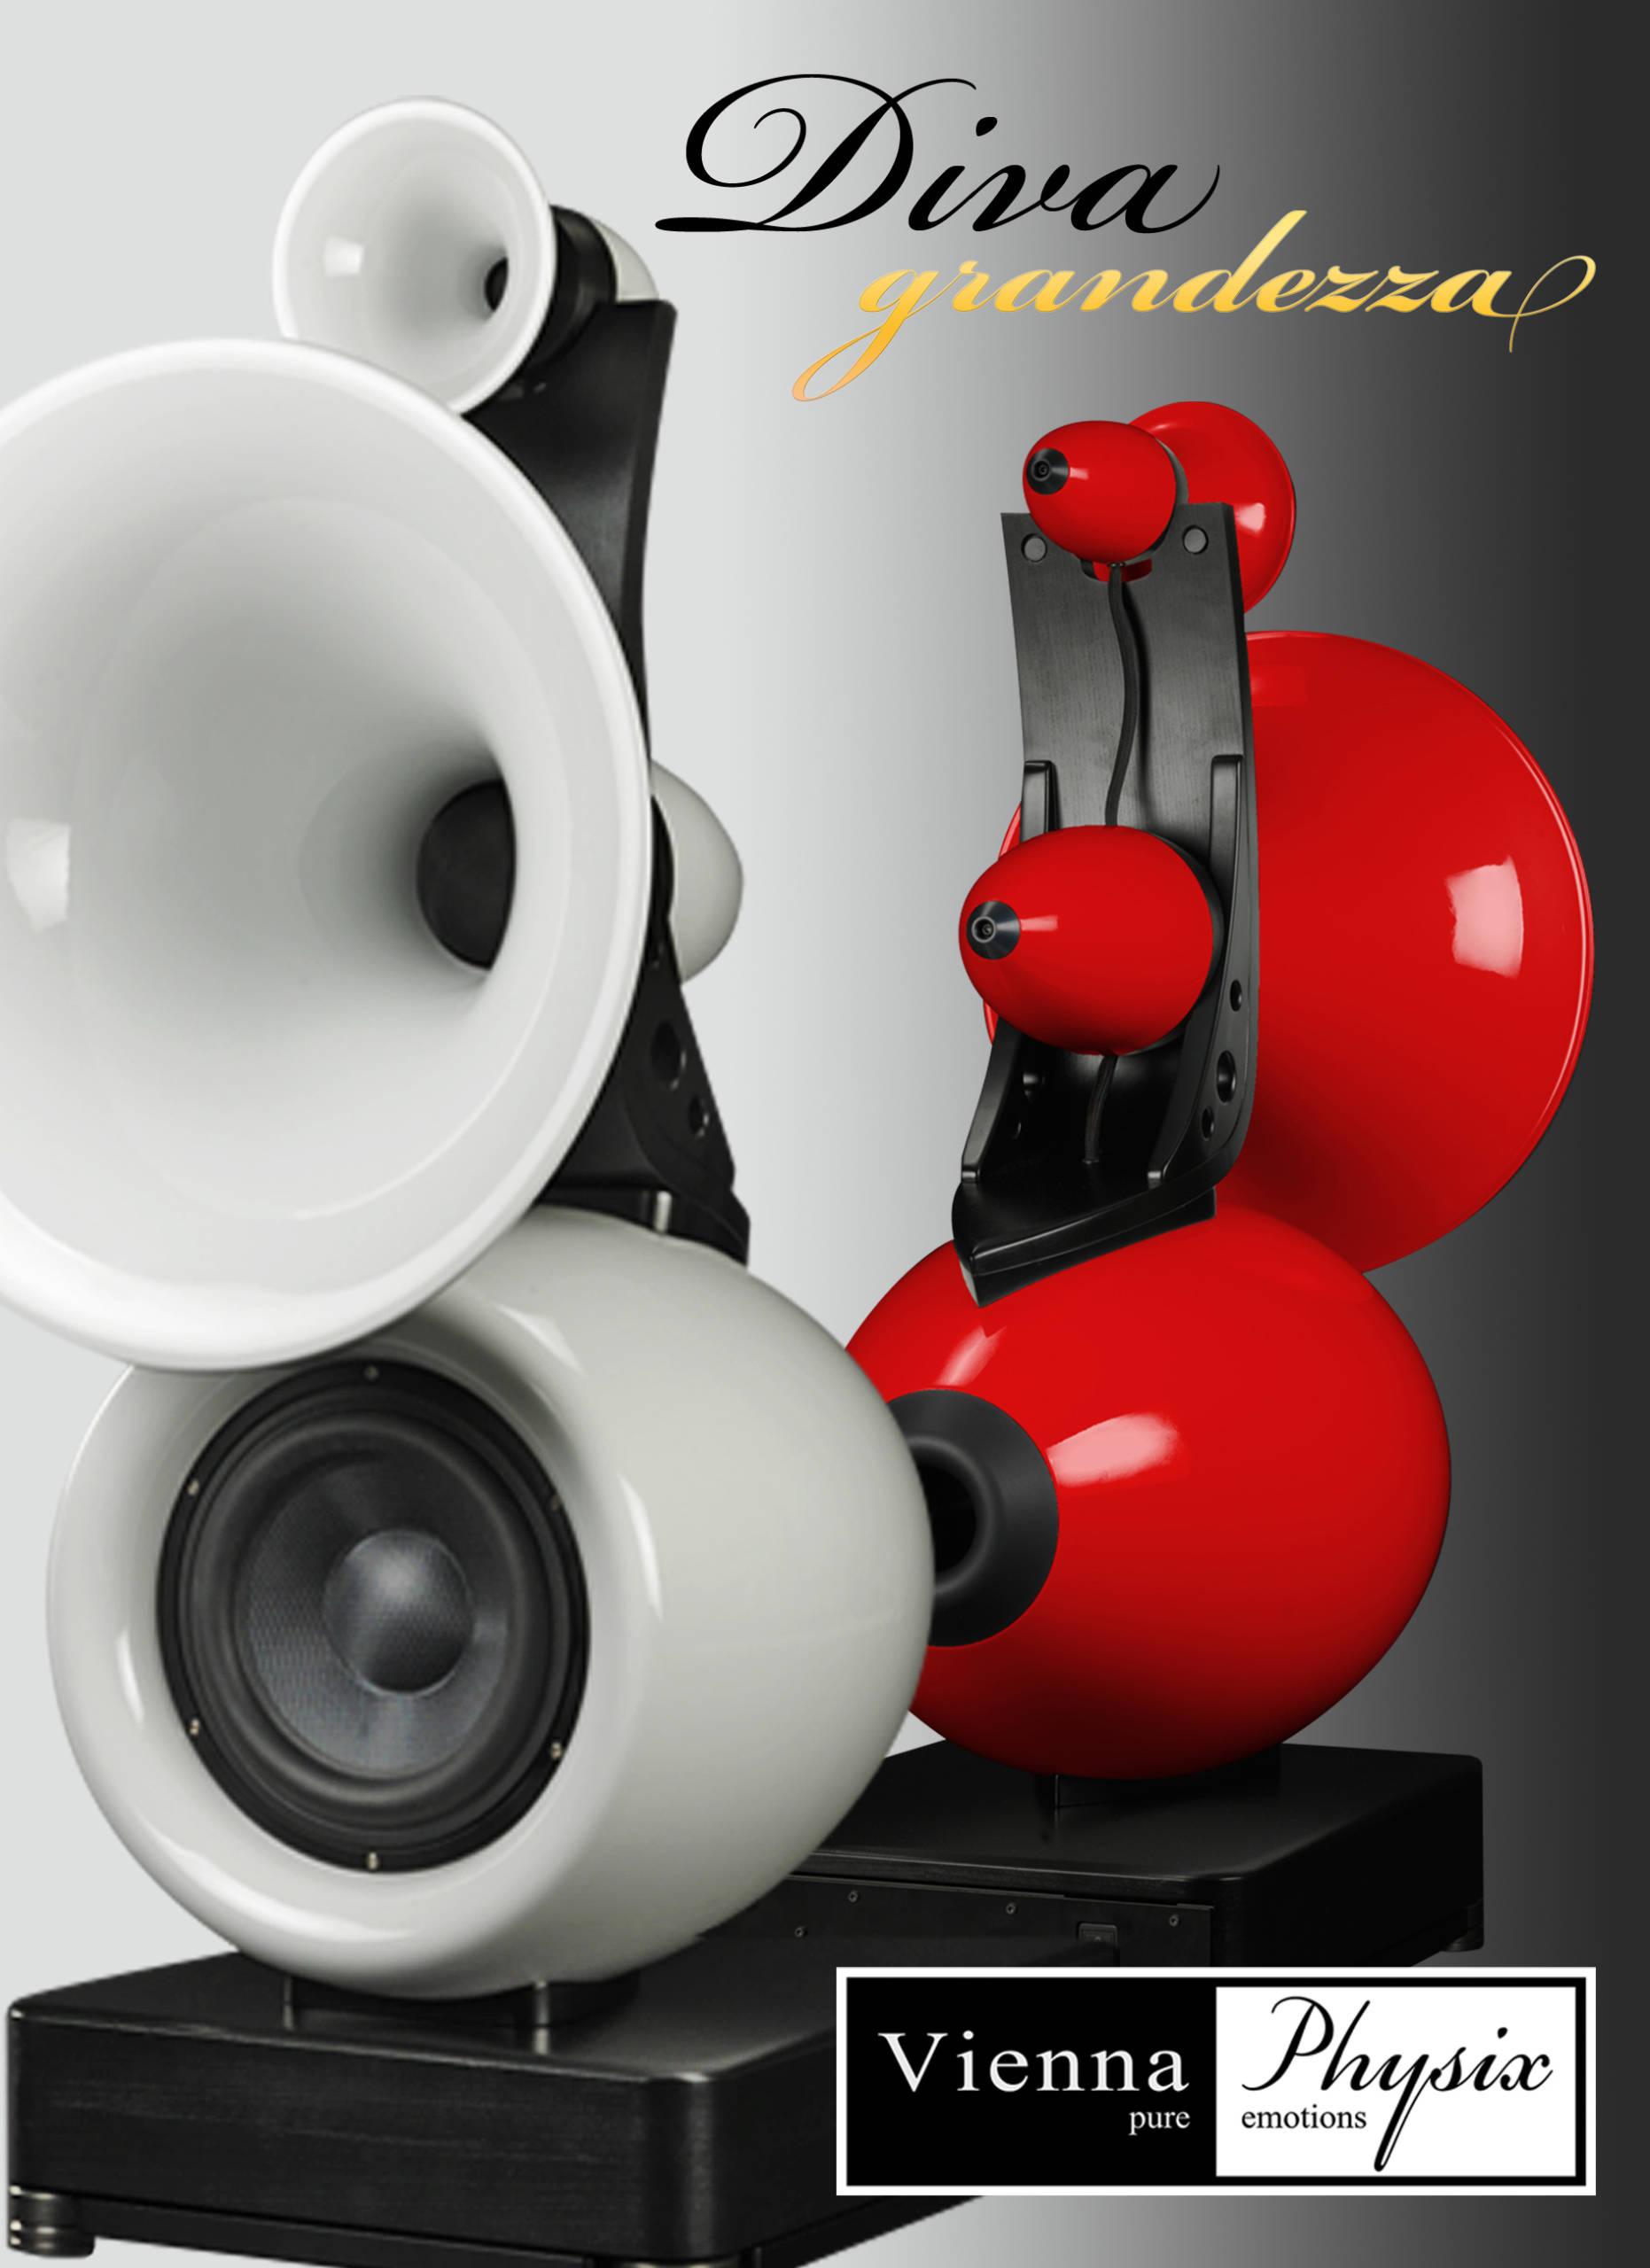 Diva grandezza RED & WHITE